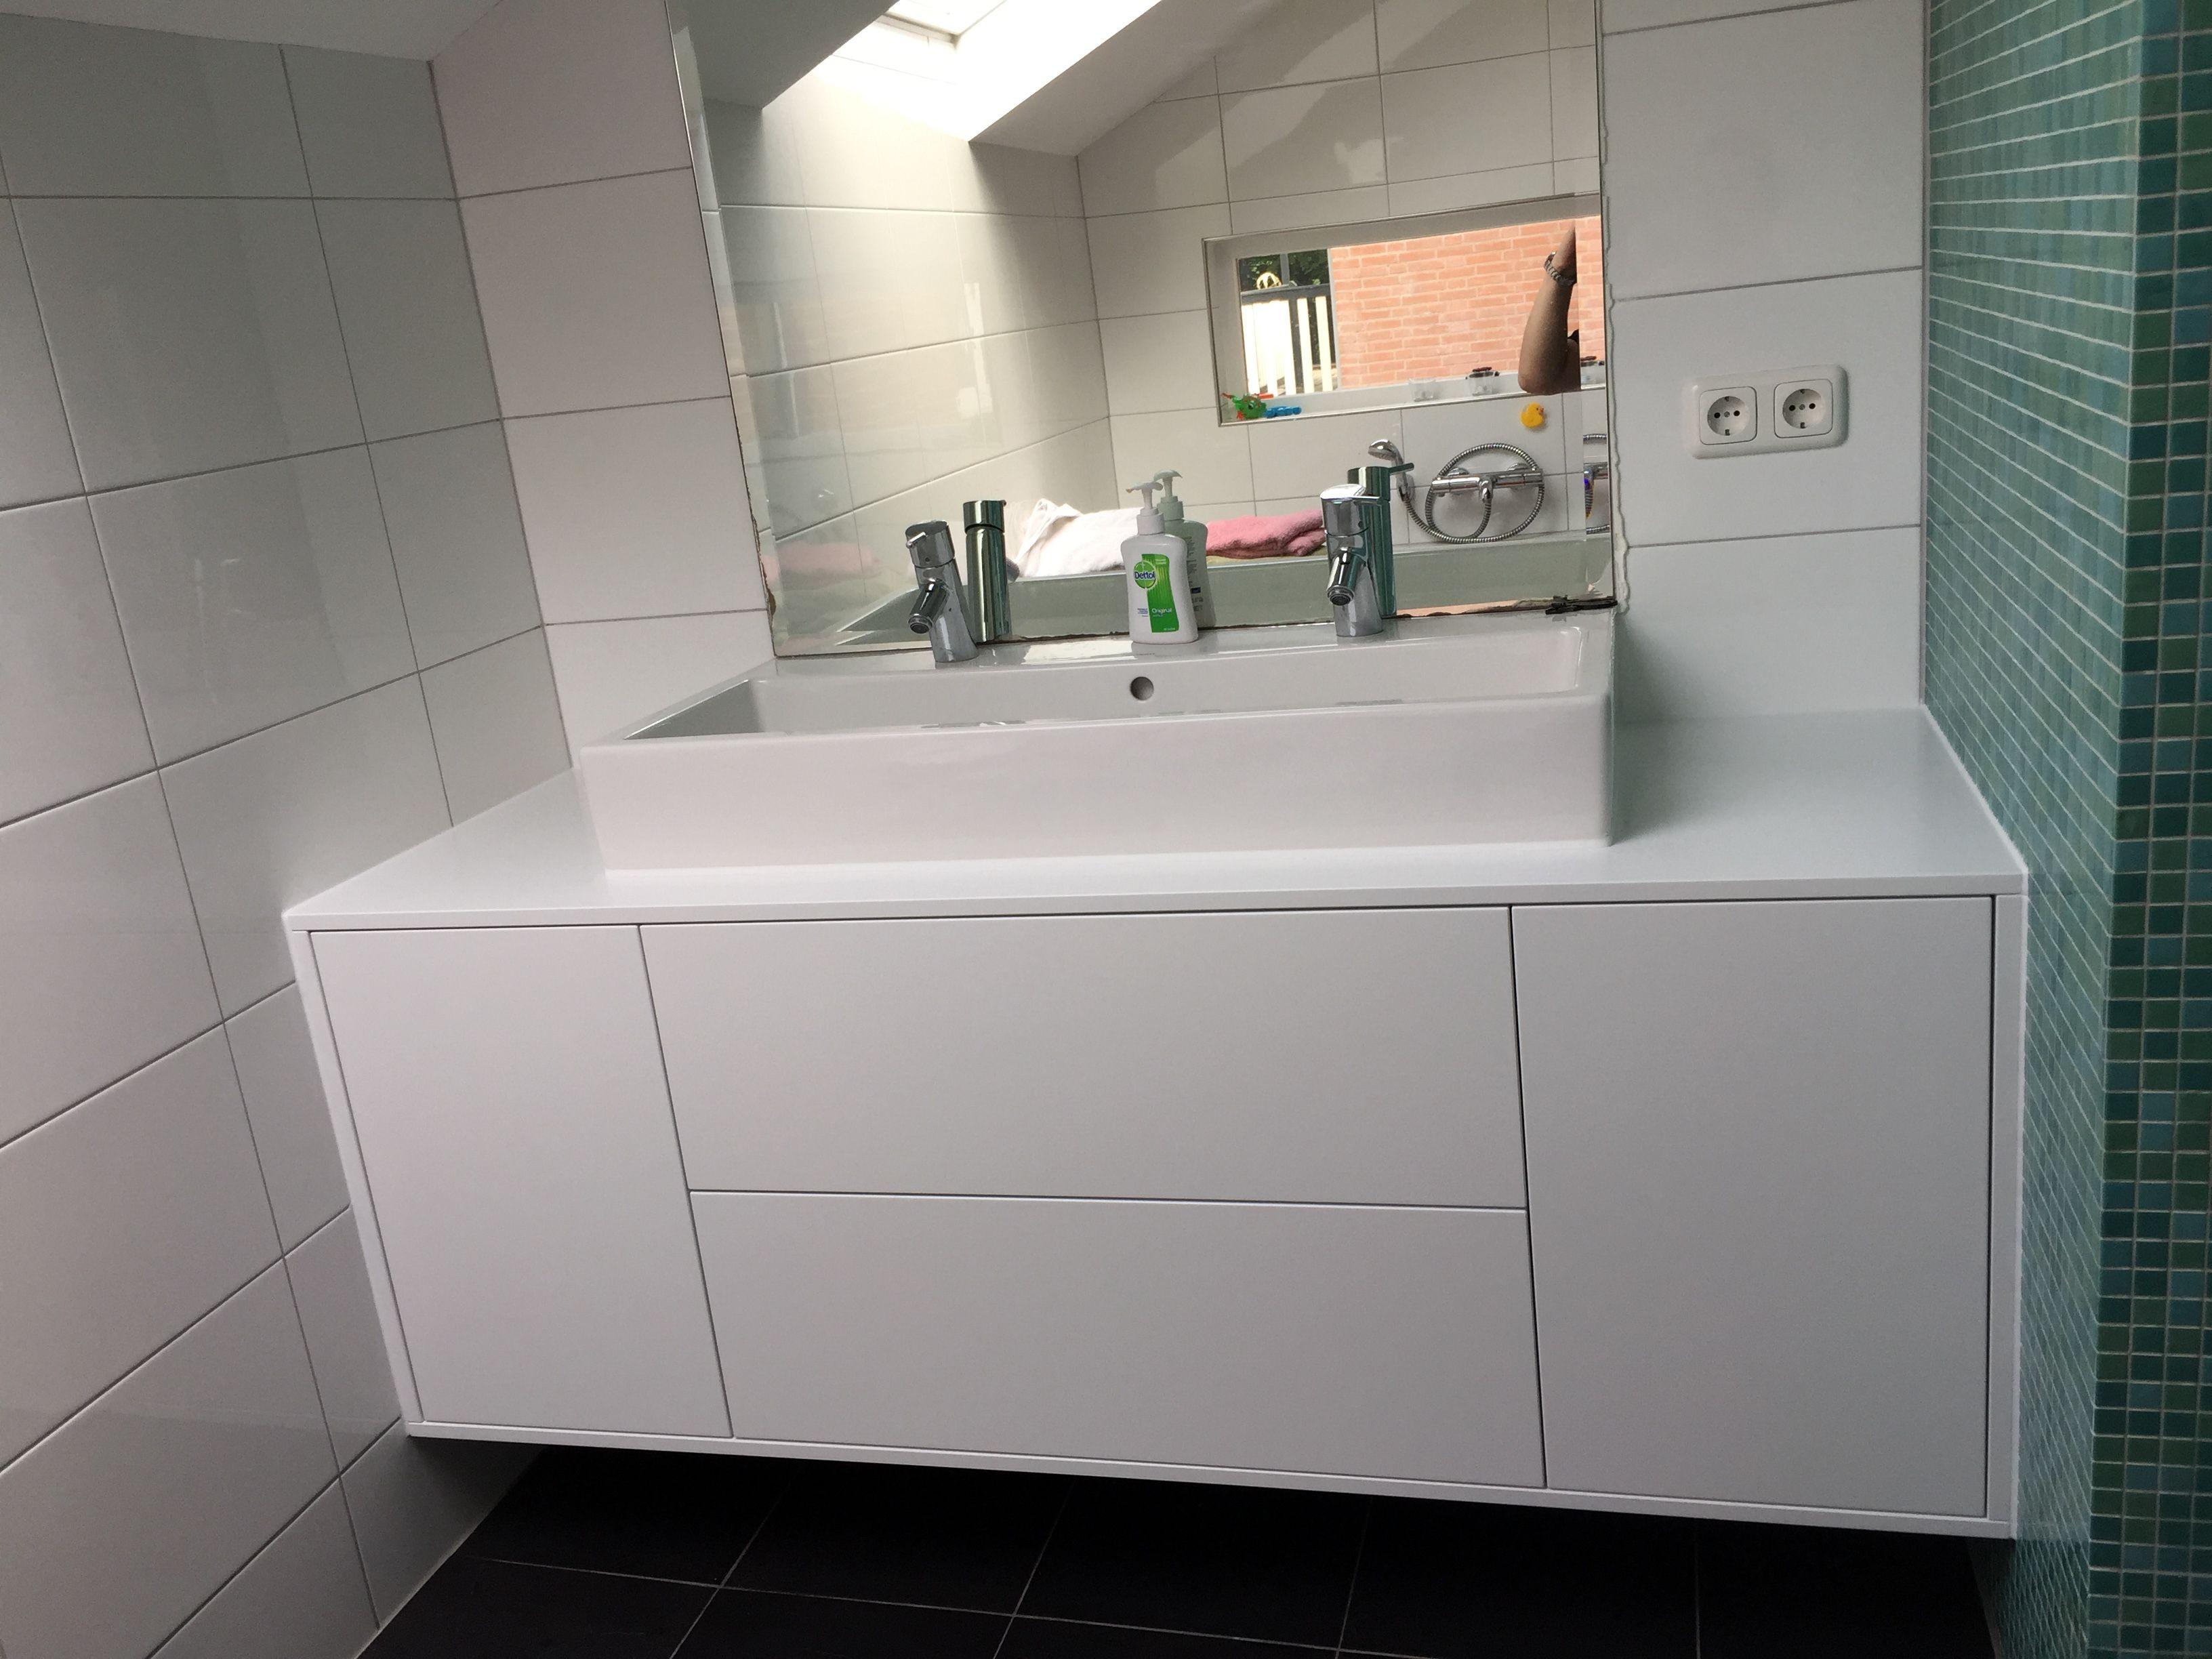 Badkamermeubel Op Maat : Badkamermeubel op maat gemaakt van watervast mdf en gespoten in